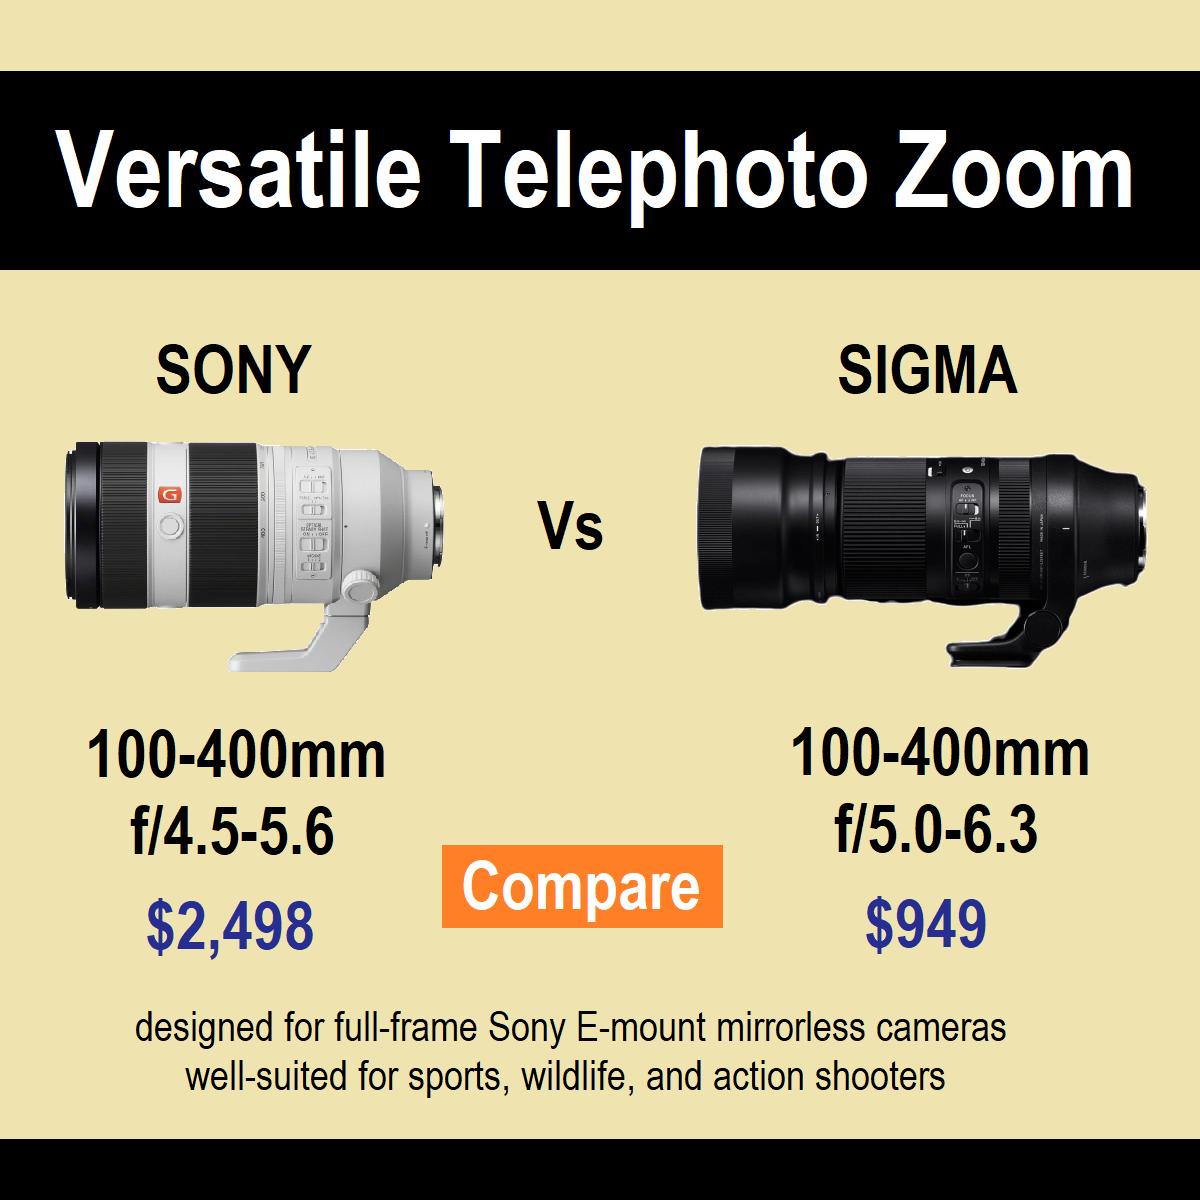 Sony 100 400 Vs Sigma 100 400 Mirrorless Camera Sony E Mount Top Camera